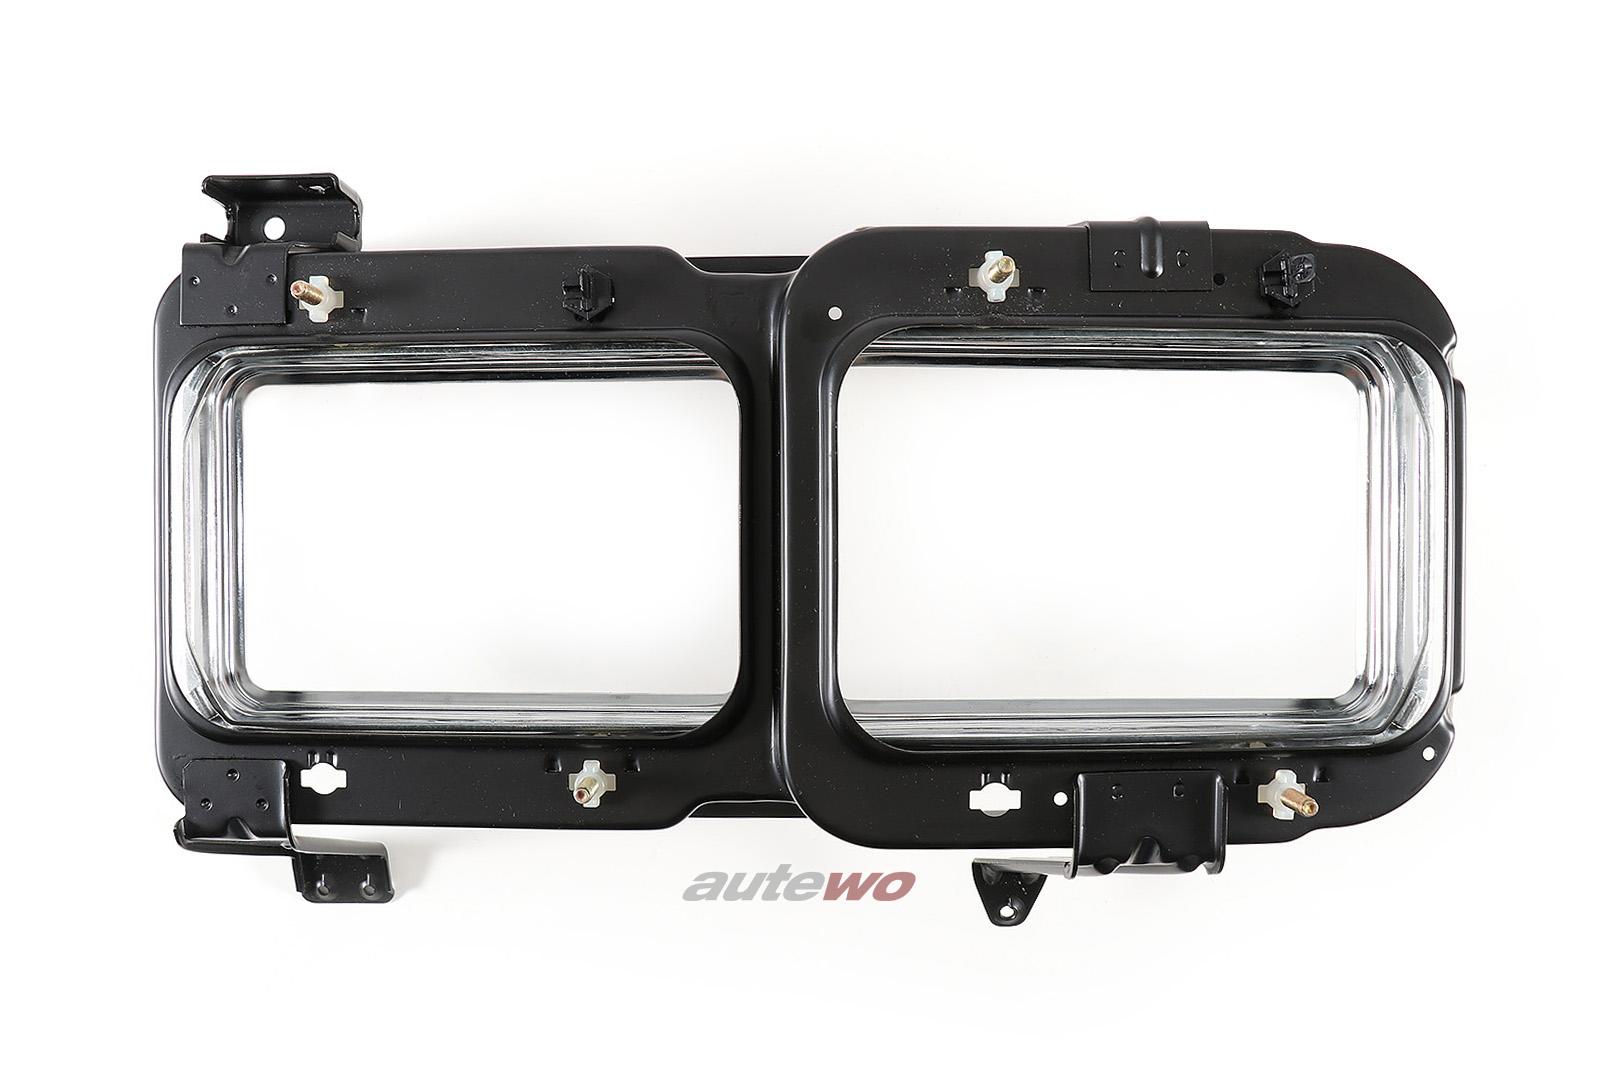 813941028A NEU Audi Coupe Typ 81//85//Urquattro Scheinwerfer Rahmen Rechts